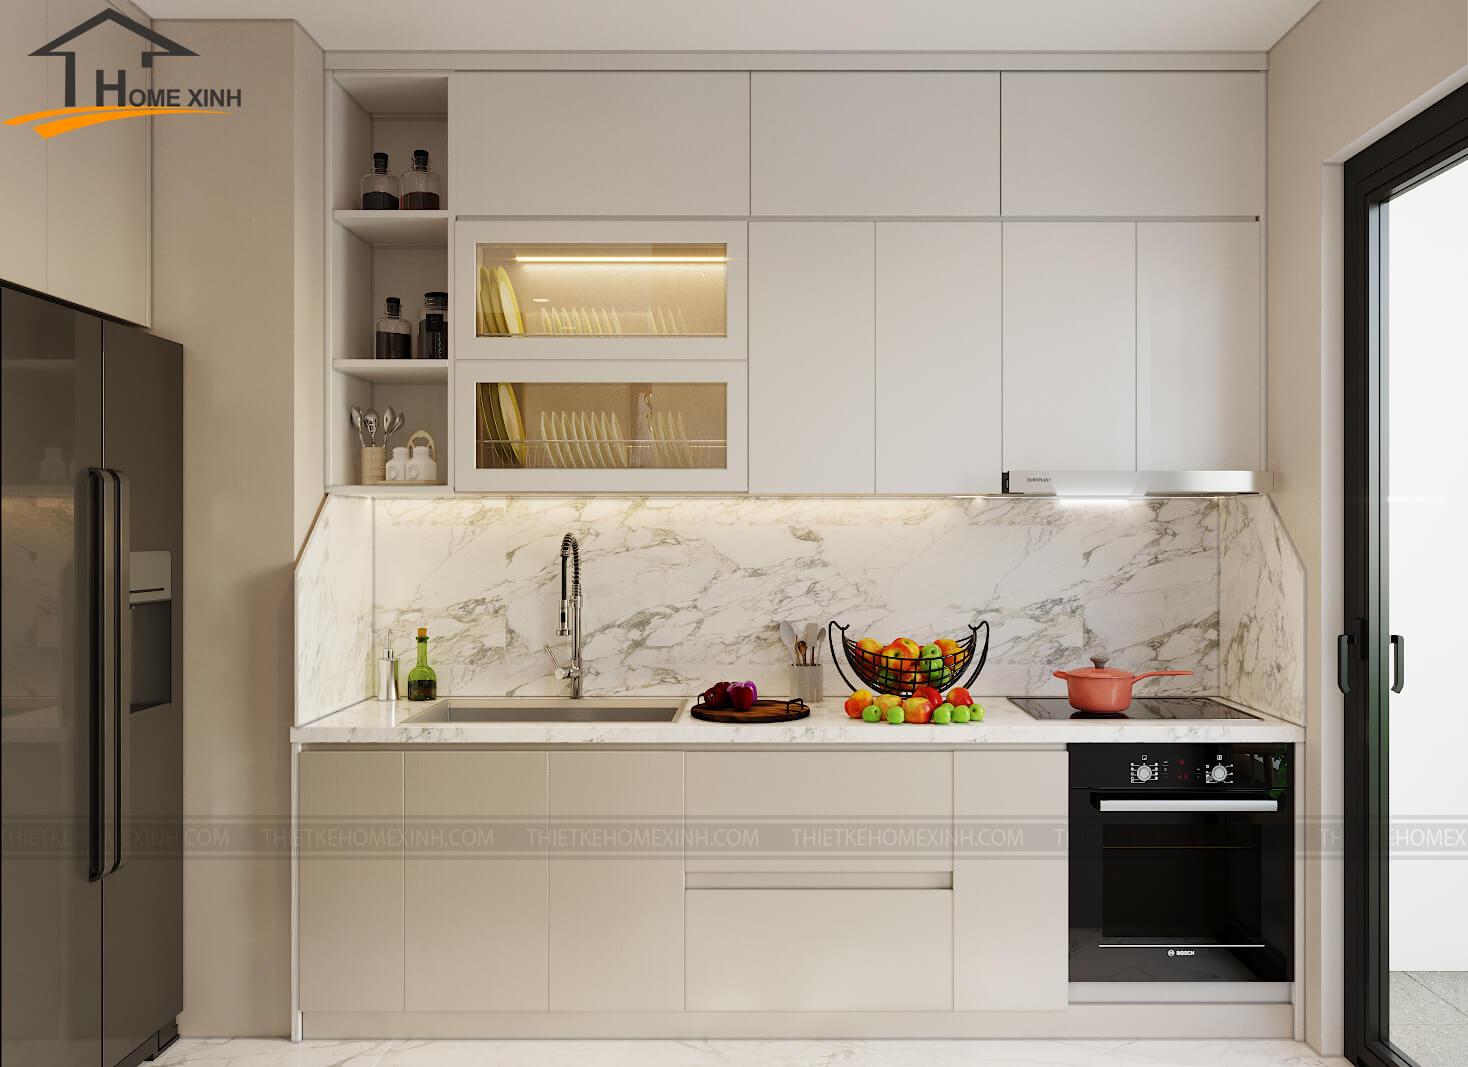 Thiết kế nội thất nhà ở có 2 bếp – Nên hay Không?